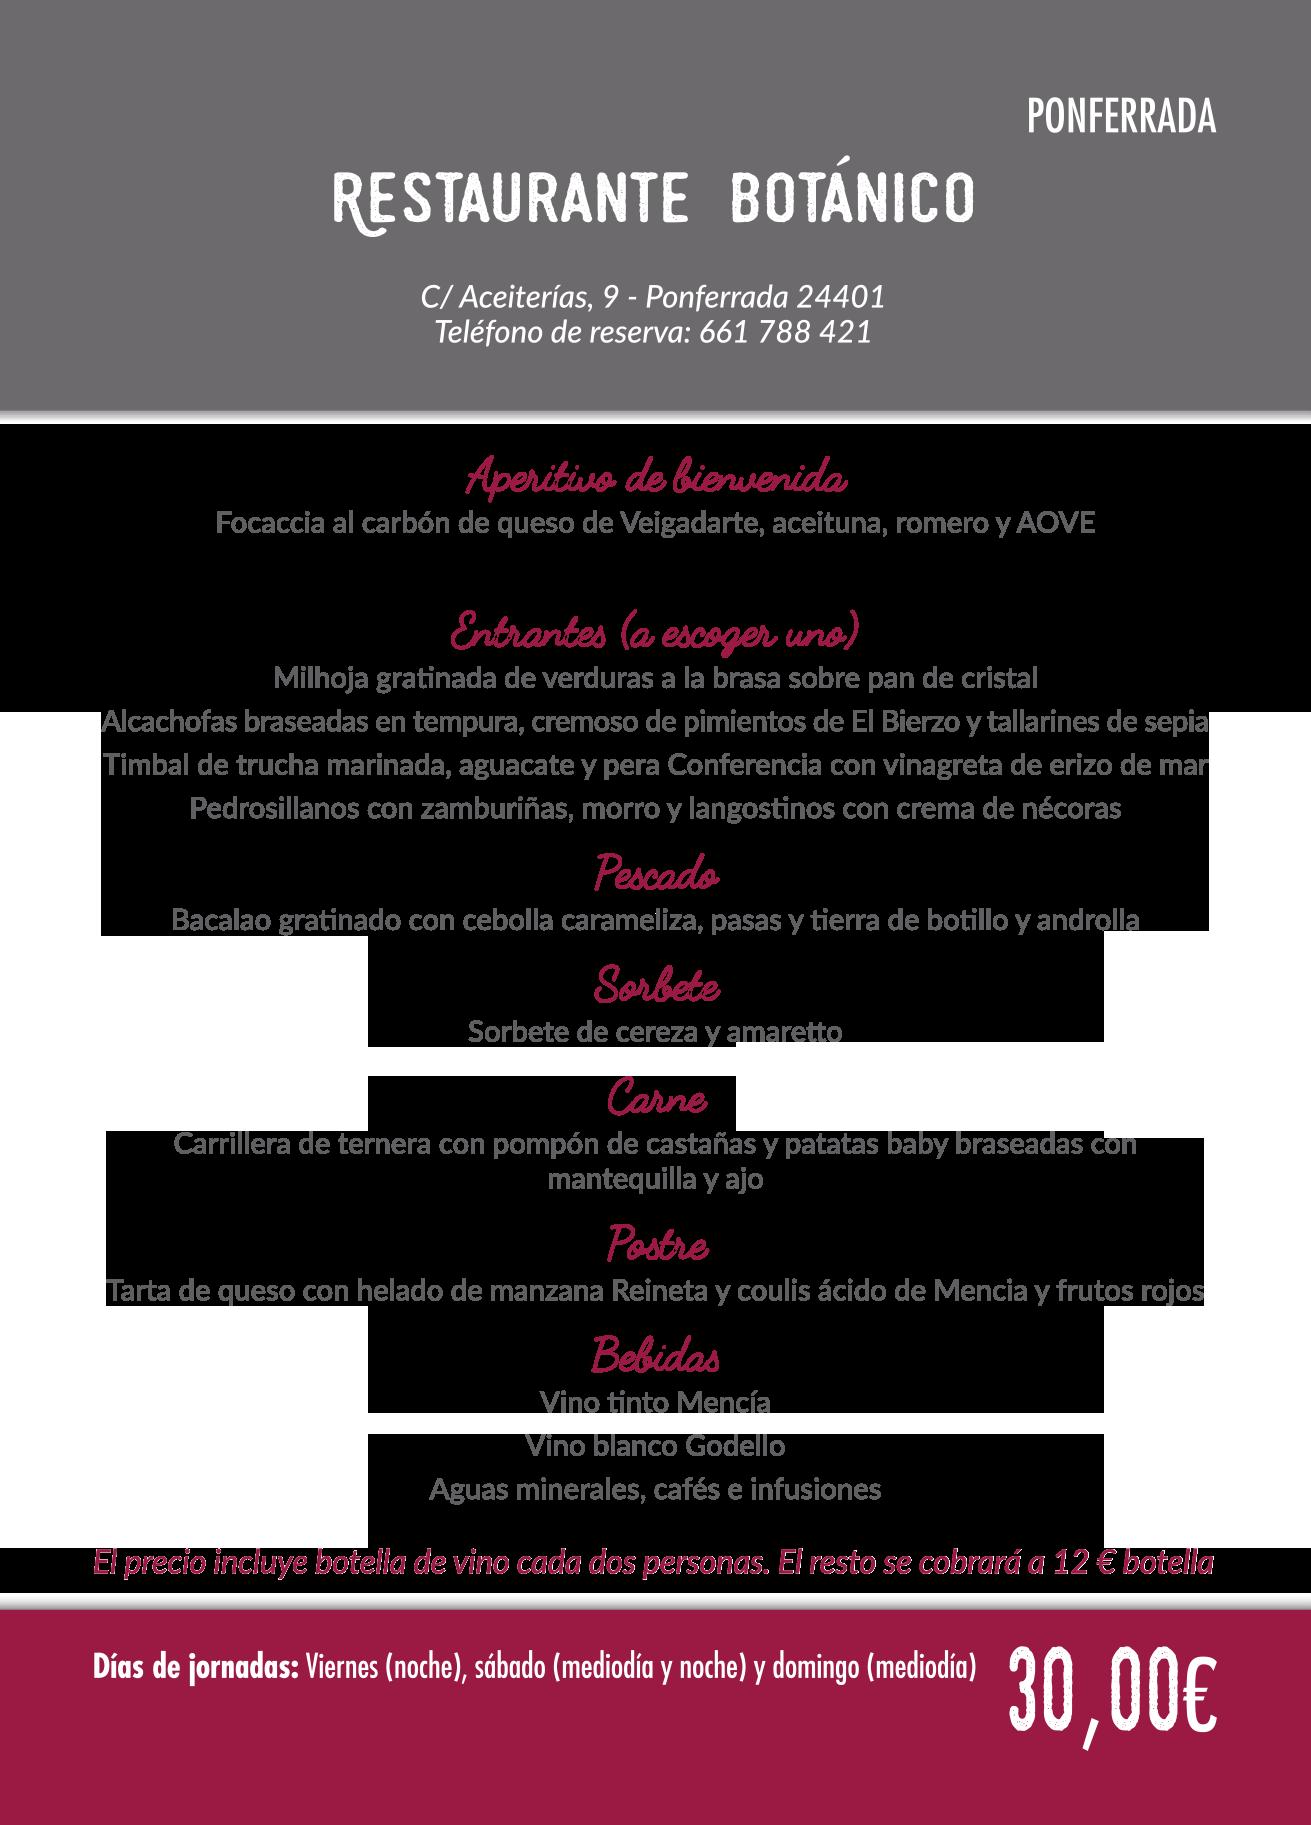 Las Jornadas Gastronómicas del Bierzo llegan a su 35 edición. Consulta los menús de esta edición 9